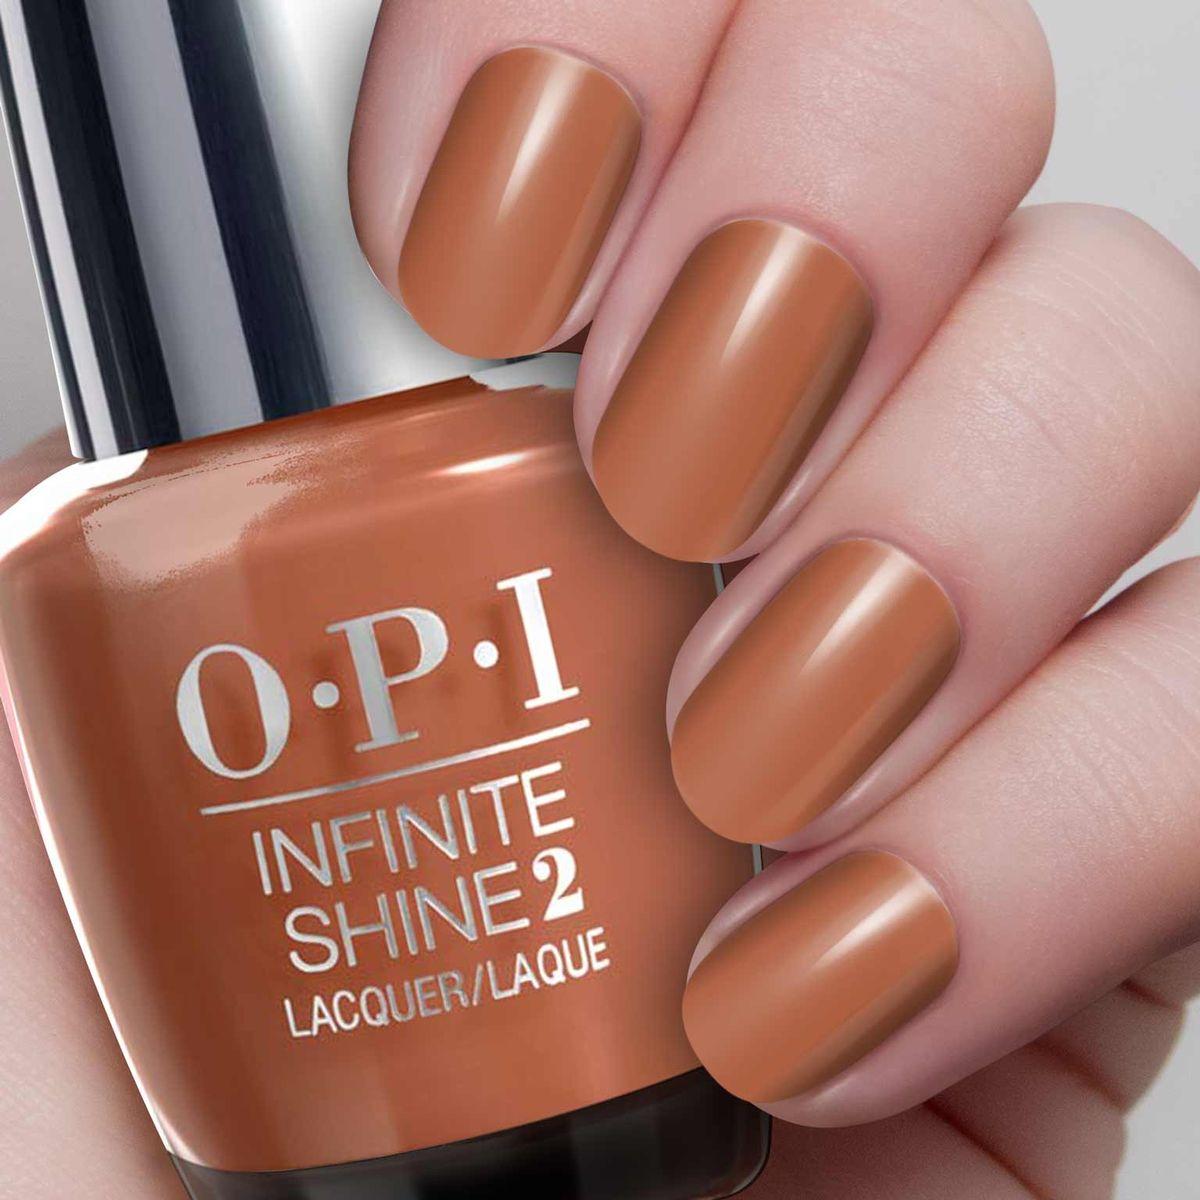 """OPI Infinite Shine Лак для ногтей Brains & Bronze,15 млISL23""""Линия Infinite Shine была разработана в ответ на желание покупателей получить лаковые покрытия, по свойствам не уступающие гелевым, которые при этом имели бы самые модные оттенки, обладали уникальной формулой и носили культовые имена, которыми так знаменита компания OPI,"""" - объясняет Сюзи Вайс-Фишманн, соучредитель и исполнительный вице-президент OPI. """"Покрытие Infinite Shine наносится и снимается точно так же, как и обычные лаки для ногтей, однако вы получаете те самые блеск и стойкость, которые отличают гелевую формулу!"""" Палитра Infinite Shine включает в себя широкий спектр оттенков, от нейтральных до ярко-красных, оранжевых, розовых, а далее до темно-серых, синих и черного. Лаки Infinite Shine имеют запатентованную формулу. Каждый флакон снабжен эксклюзивной кистью ProWide™ для идеального нанесения."""